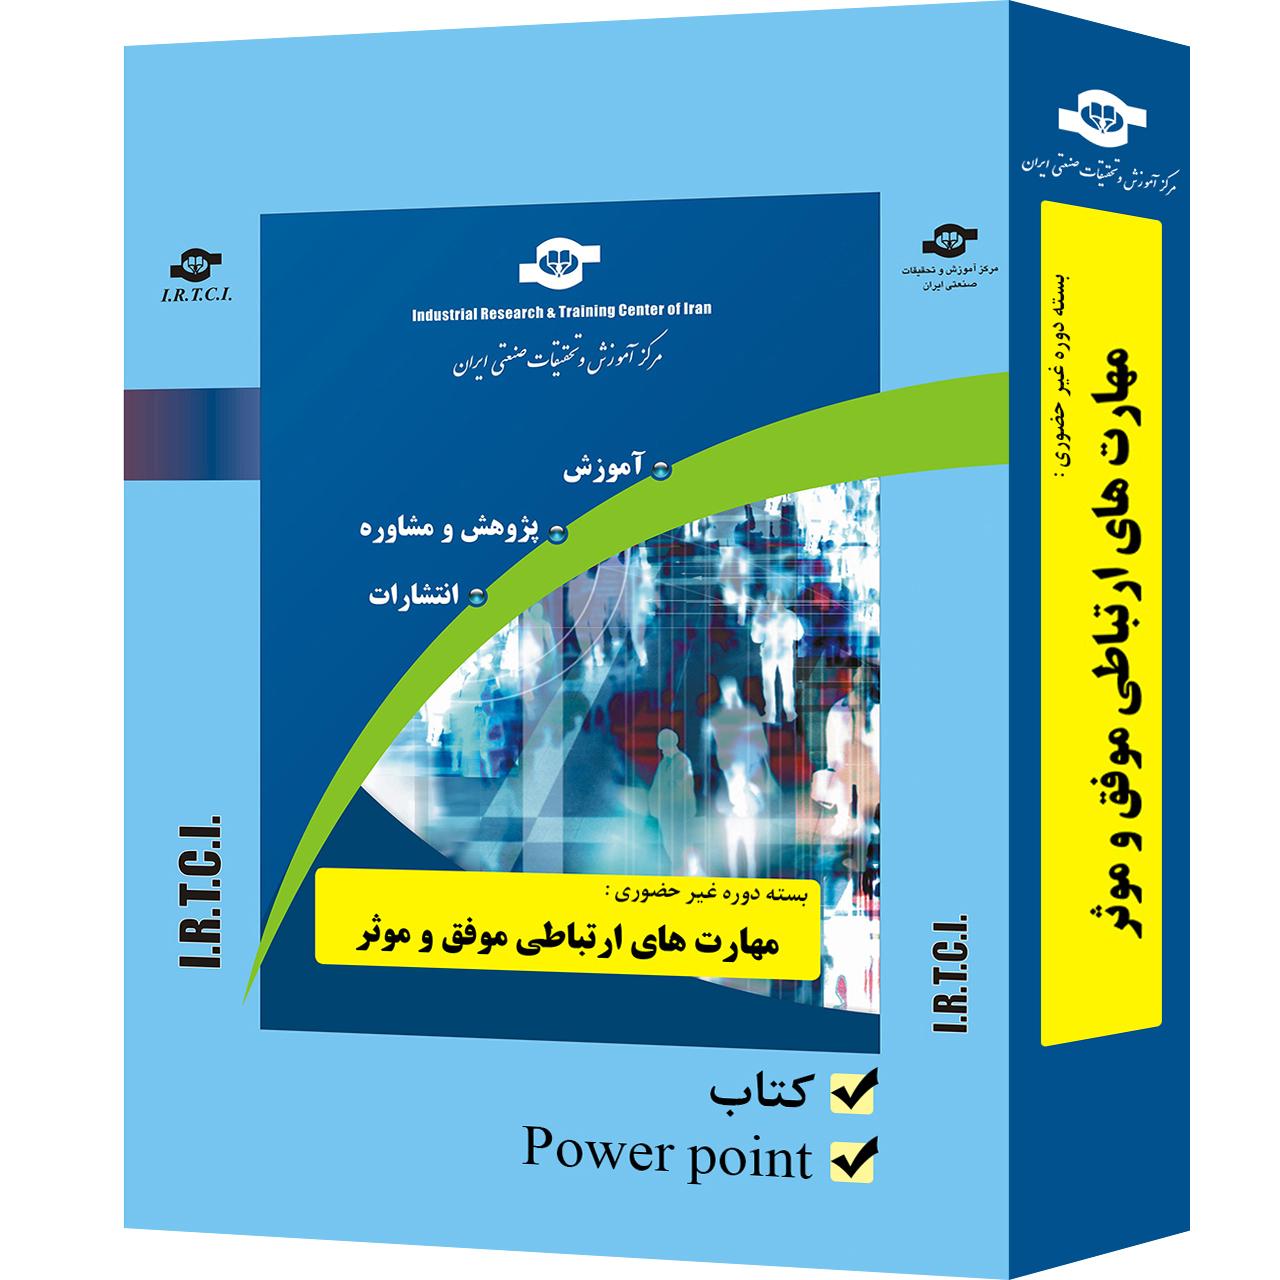 بسته آموزشی غیر حضوری مهارت های ارتباطی موفق و موثر  تدوین مرکز آموزش و تحقیقات صنعتی ایران